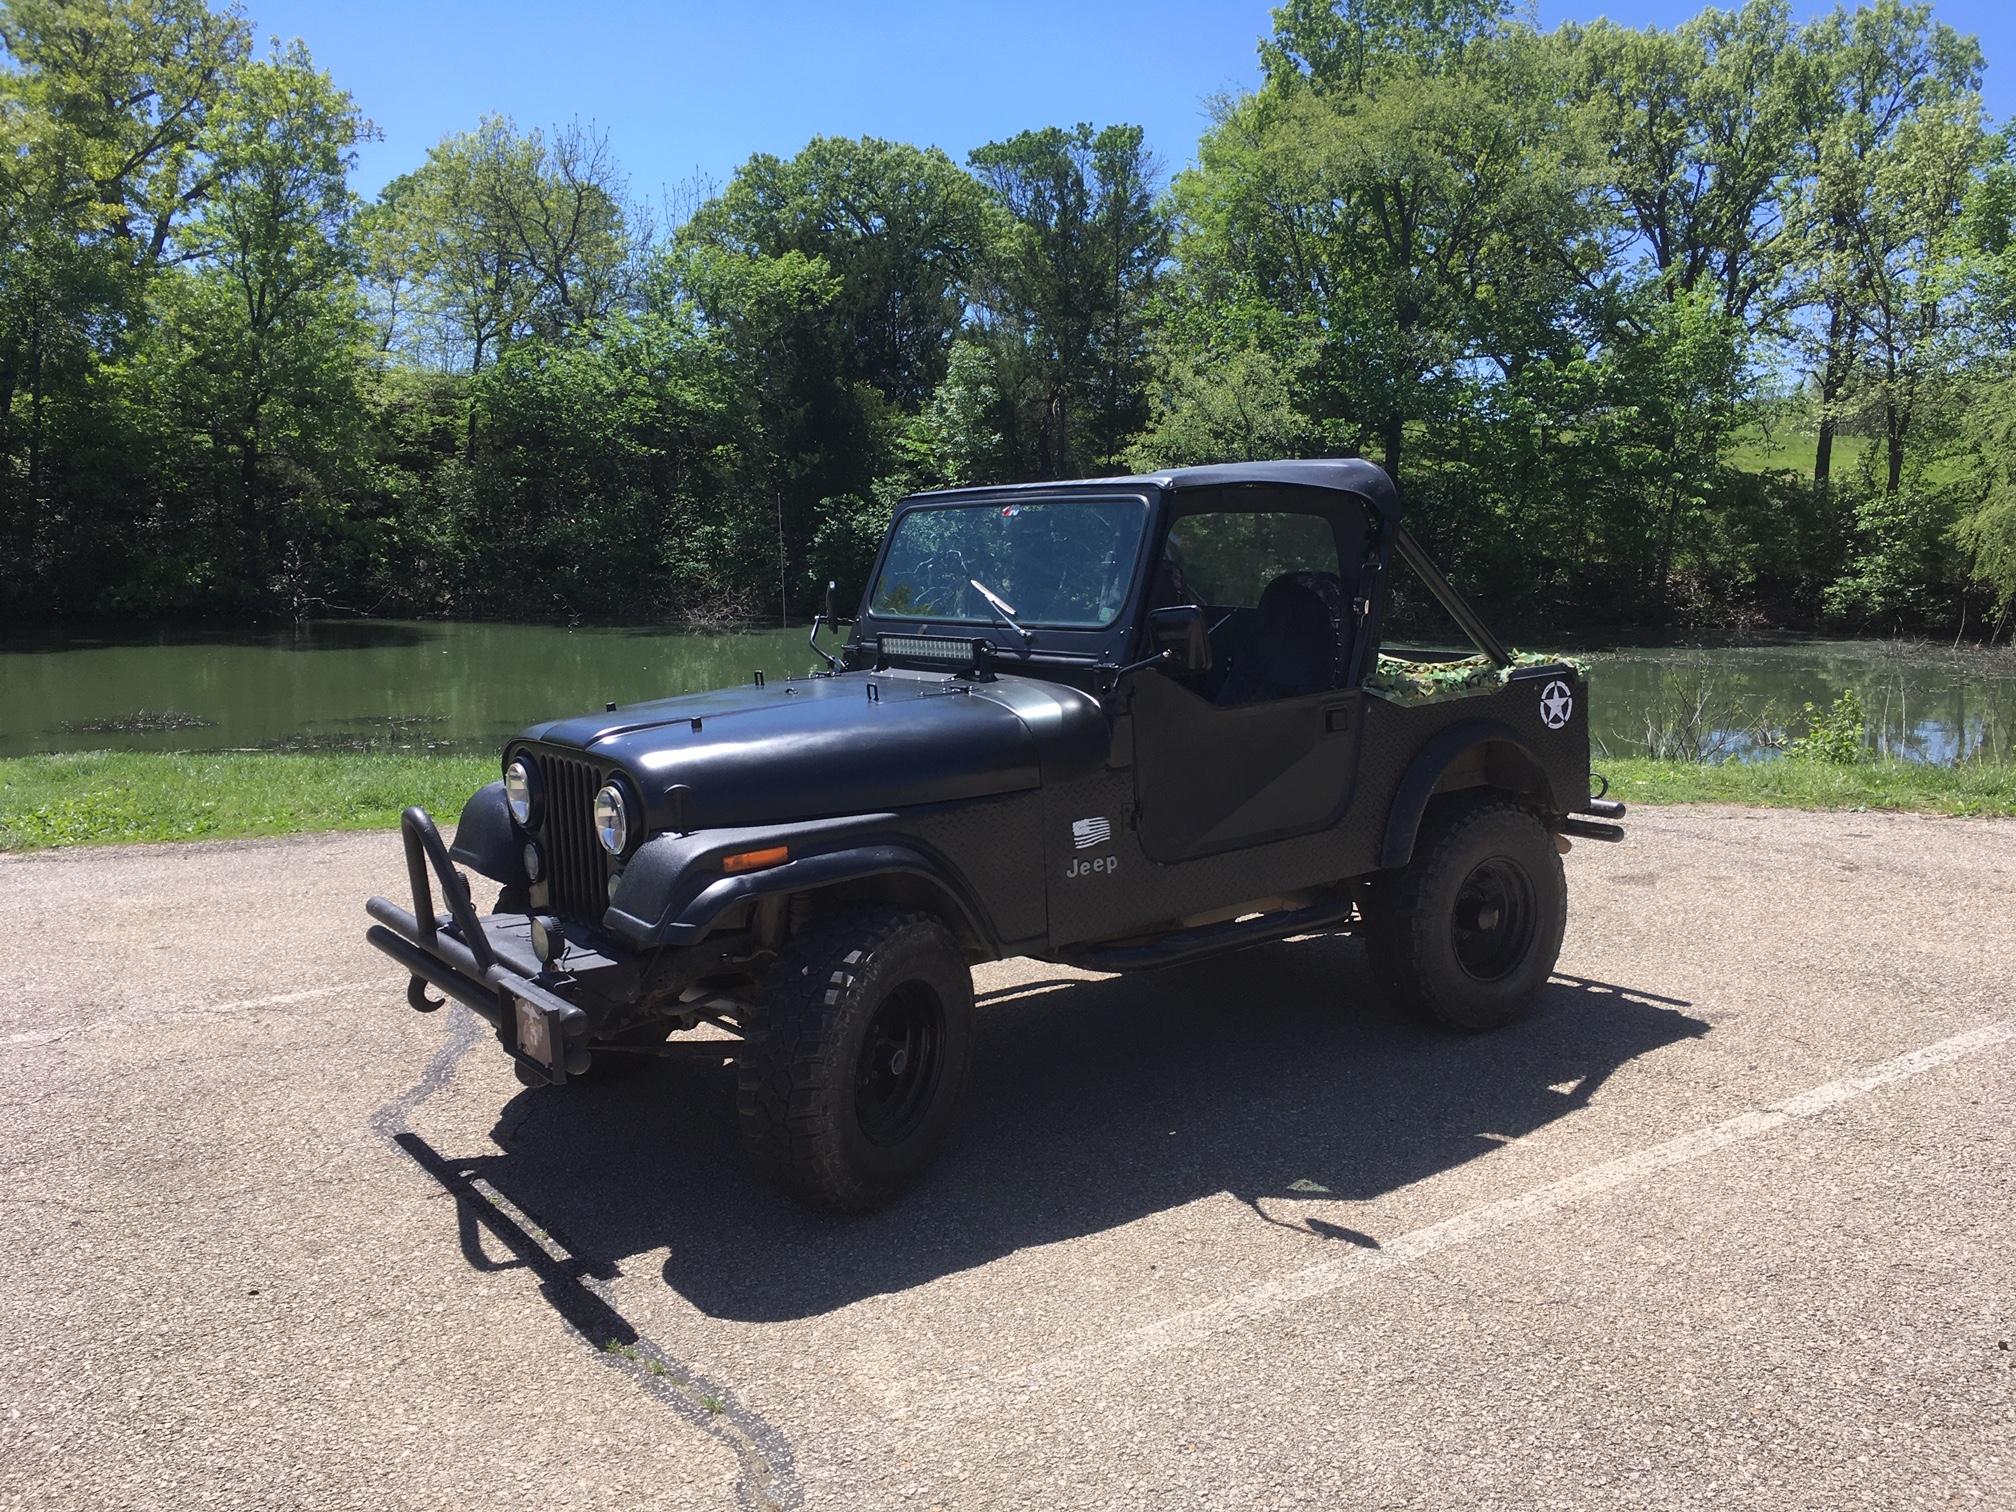 JeepAtTheLake_May2020.JPG